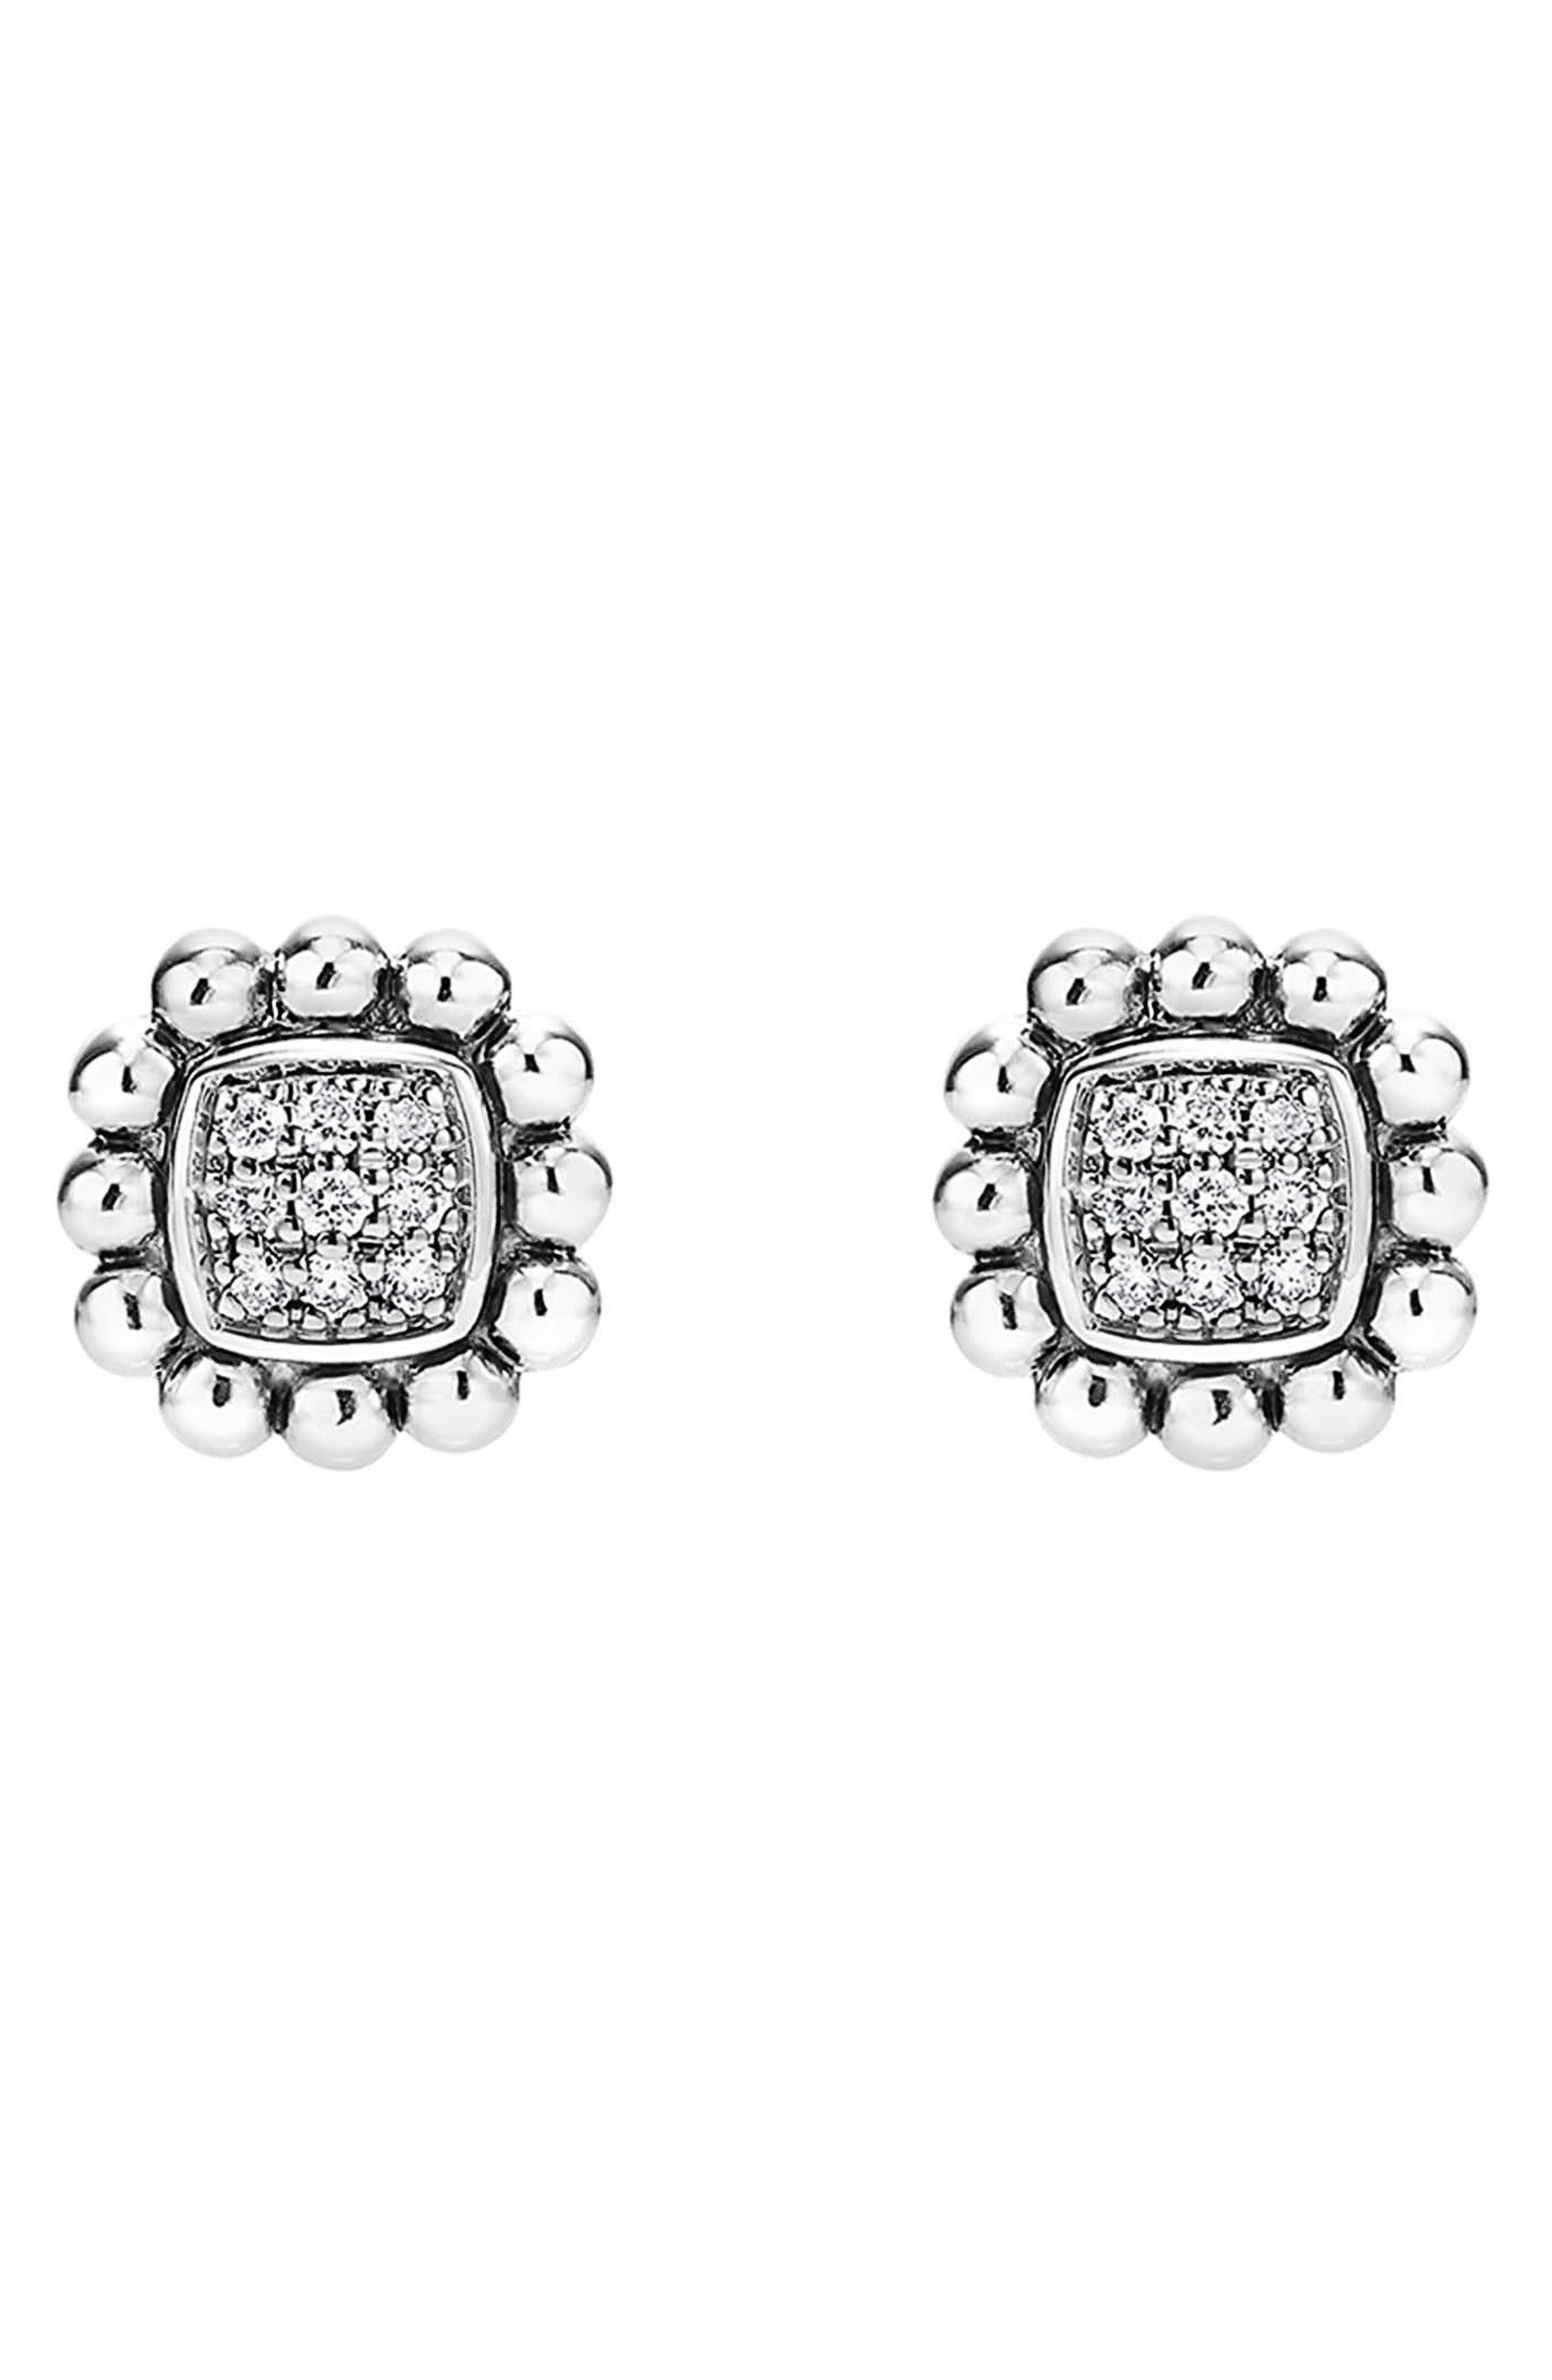 Alternate Image 2  - LAGOS Caviar Spark Diamond Square Stud Earrings